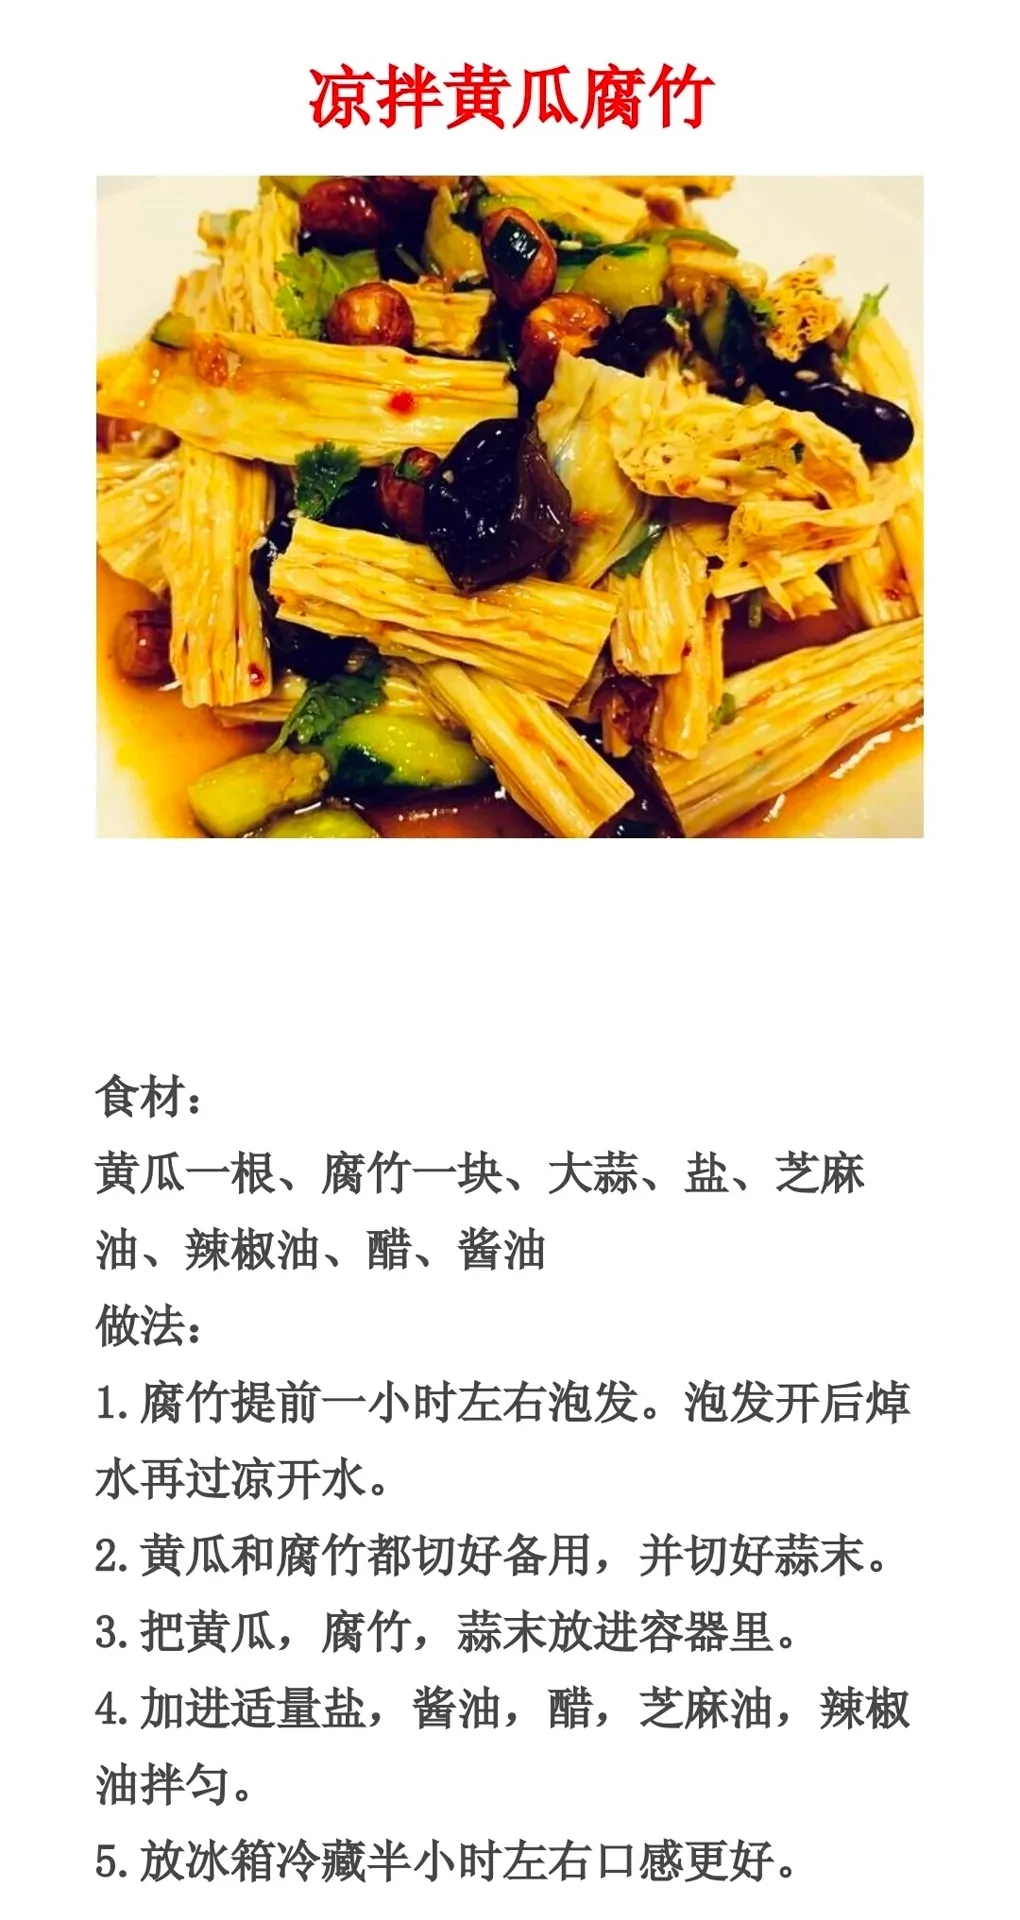 凉拌菜做法及配料 美食做法 第5张